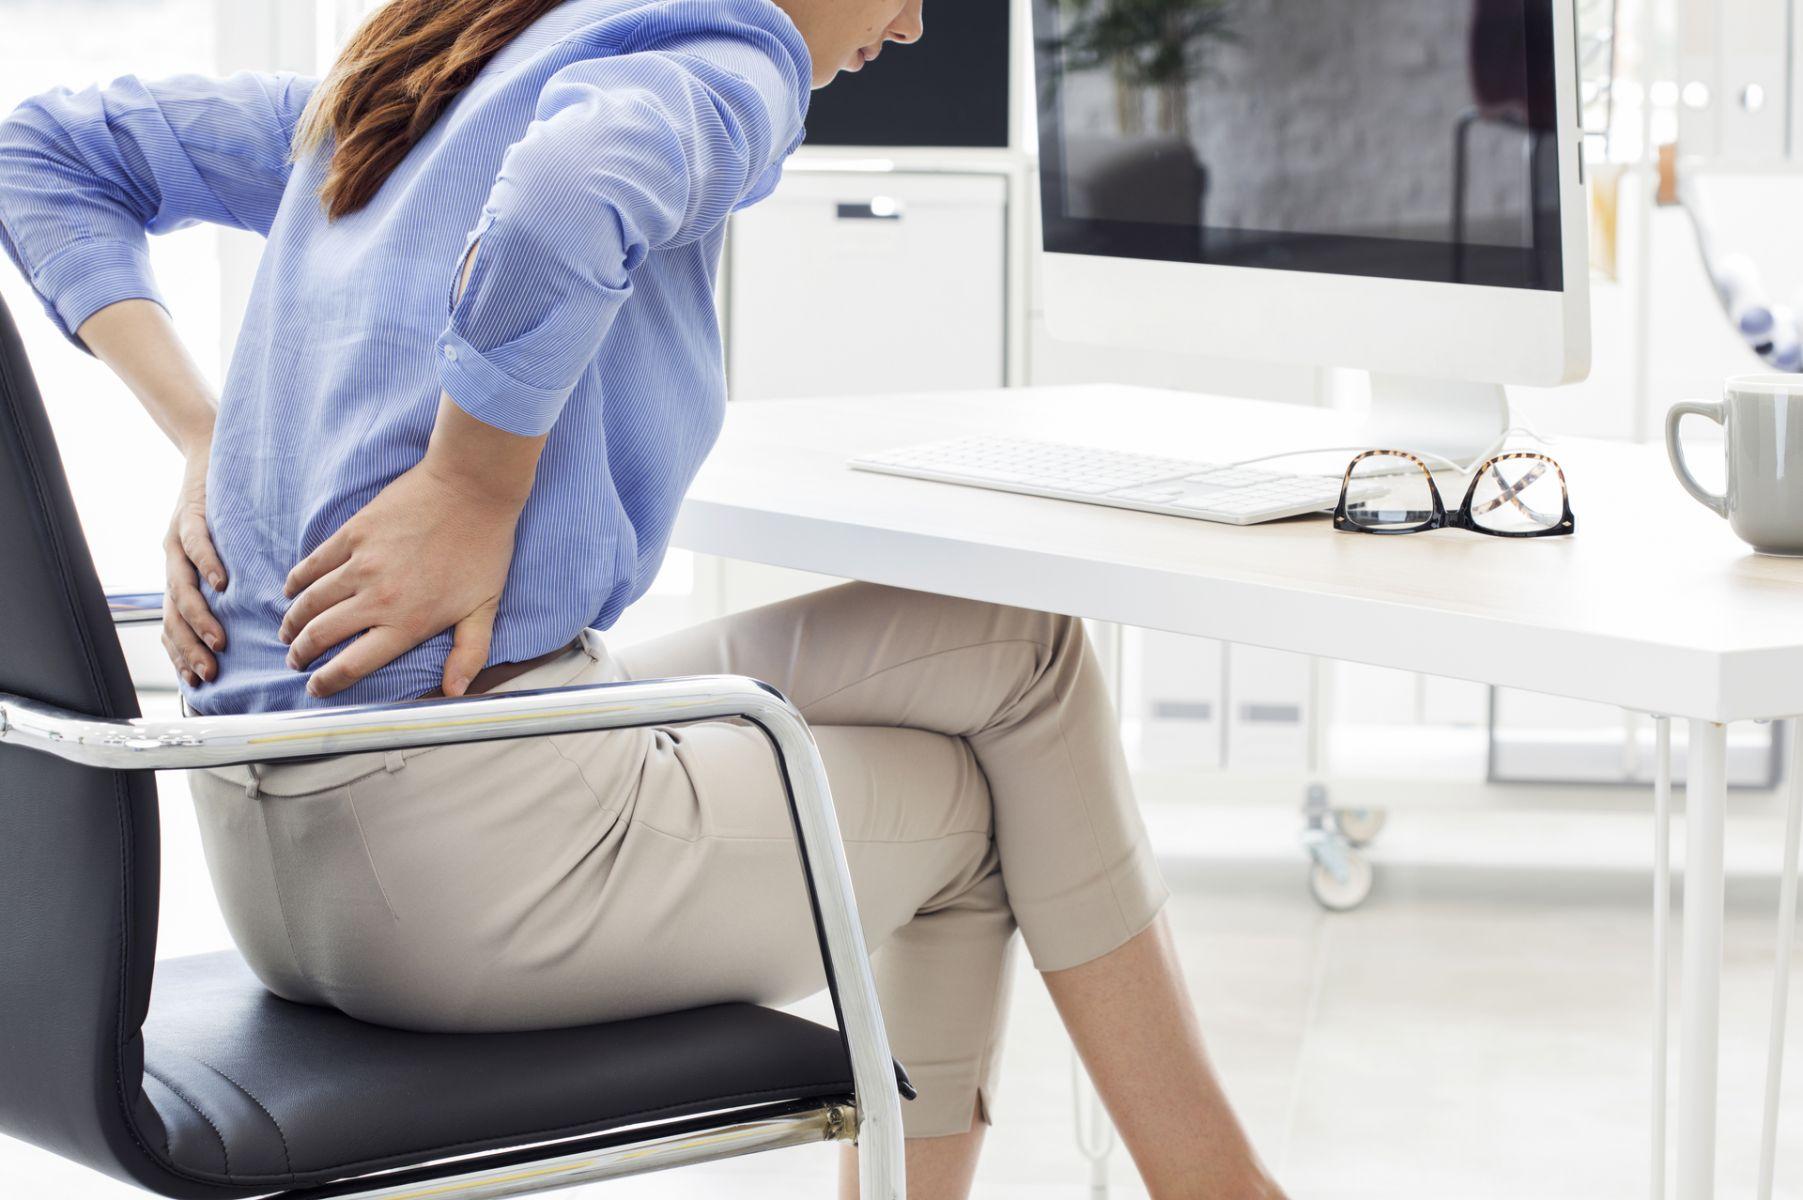 上班族久坐不動 背部疼痛才知慘了